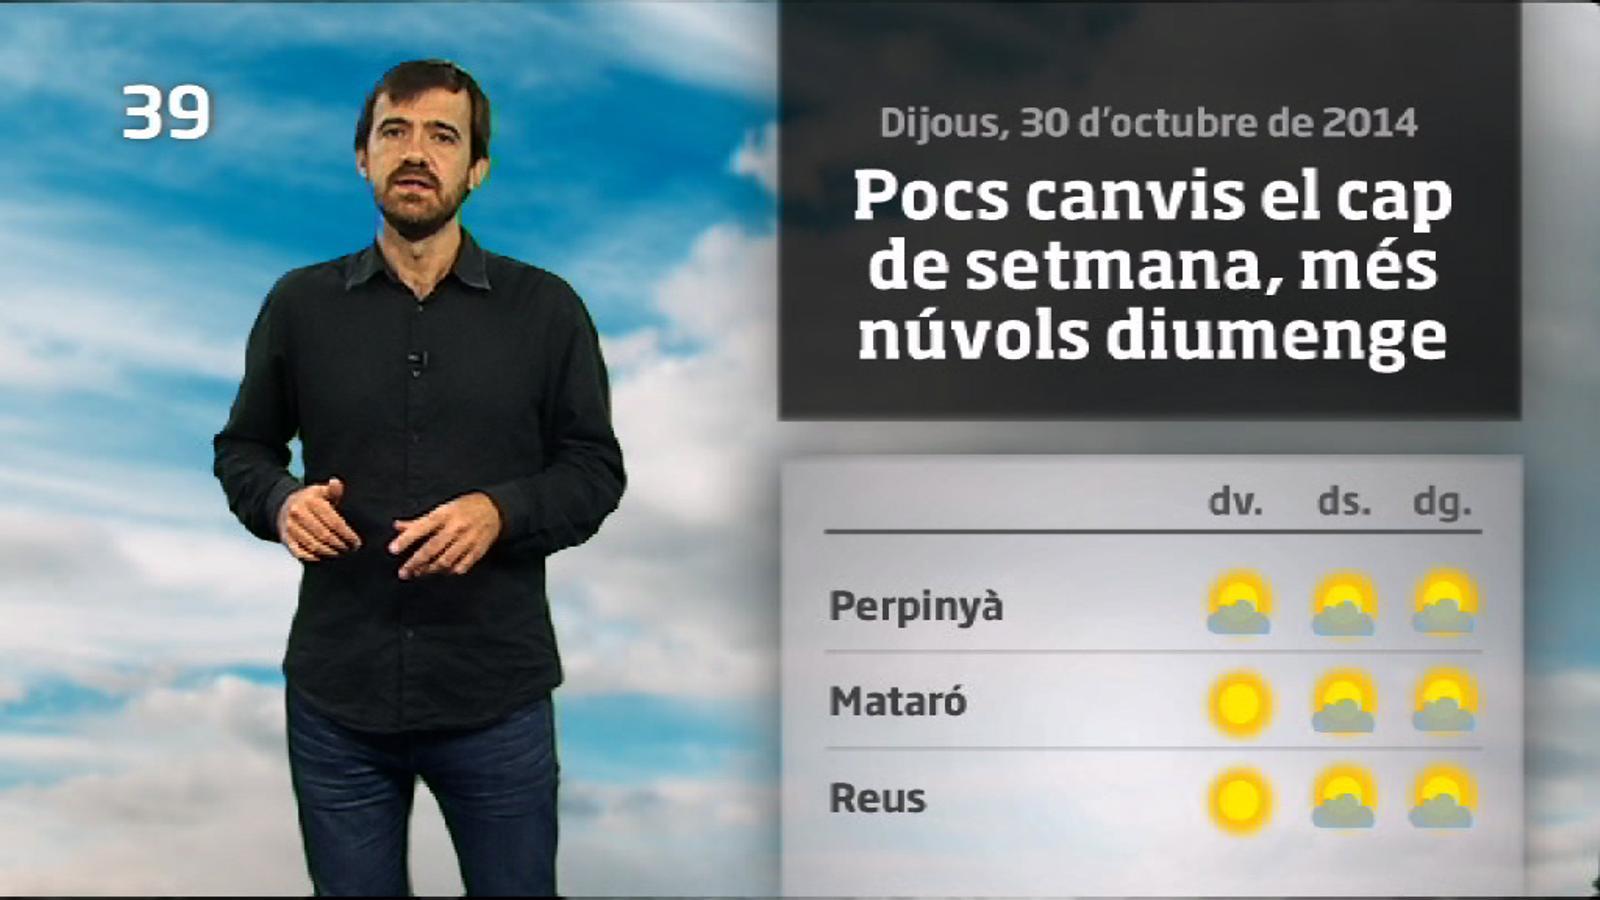 La méteo en 1 minut: canvis a partir de diumenge a última hora (31/10/14)